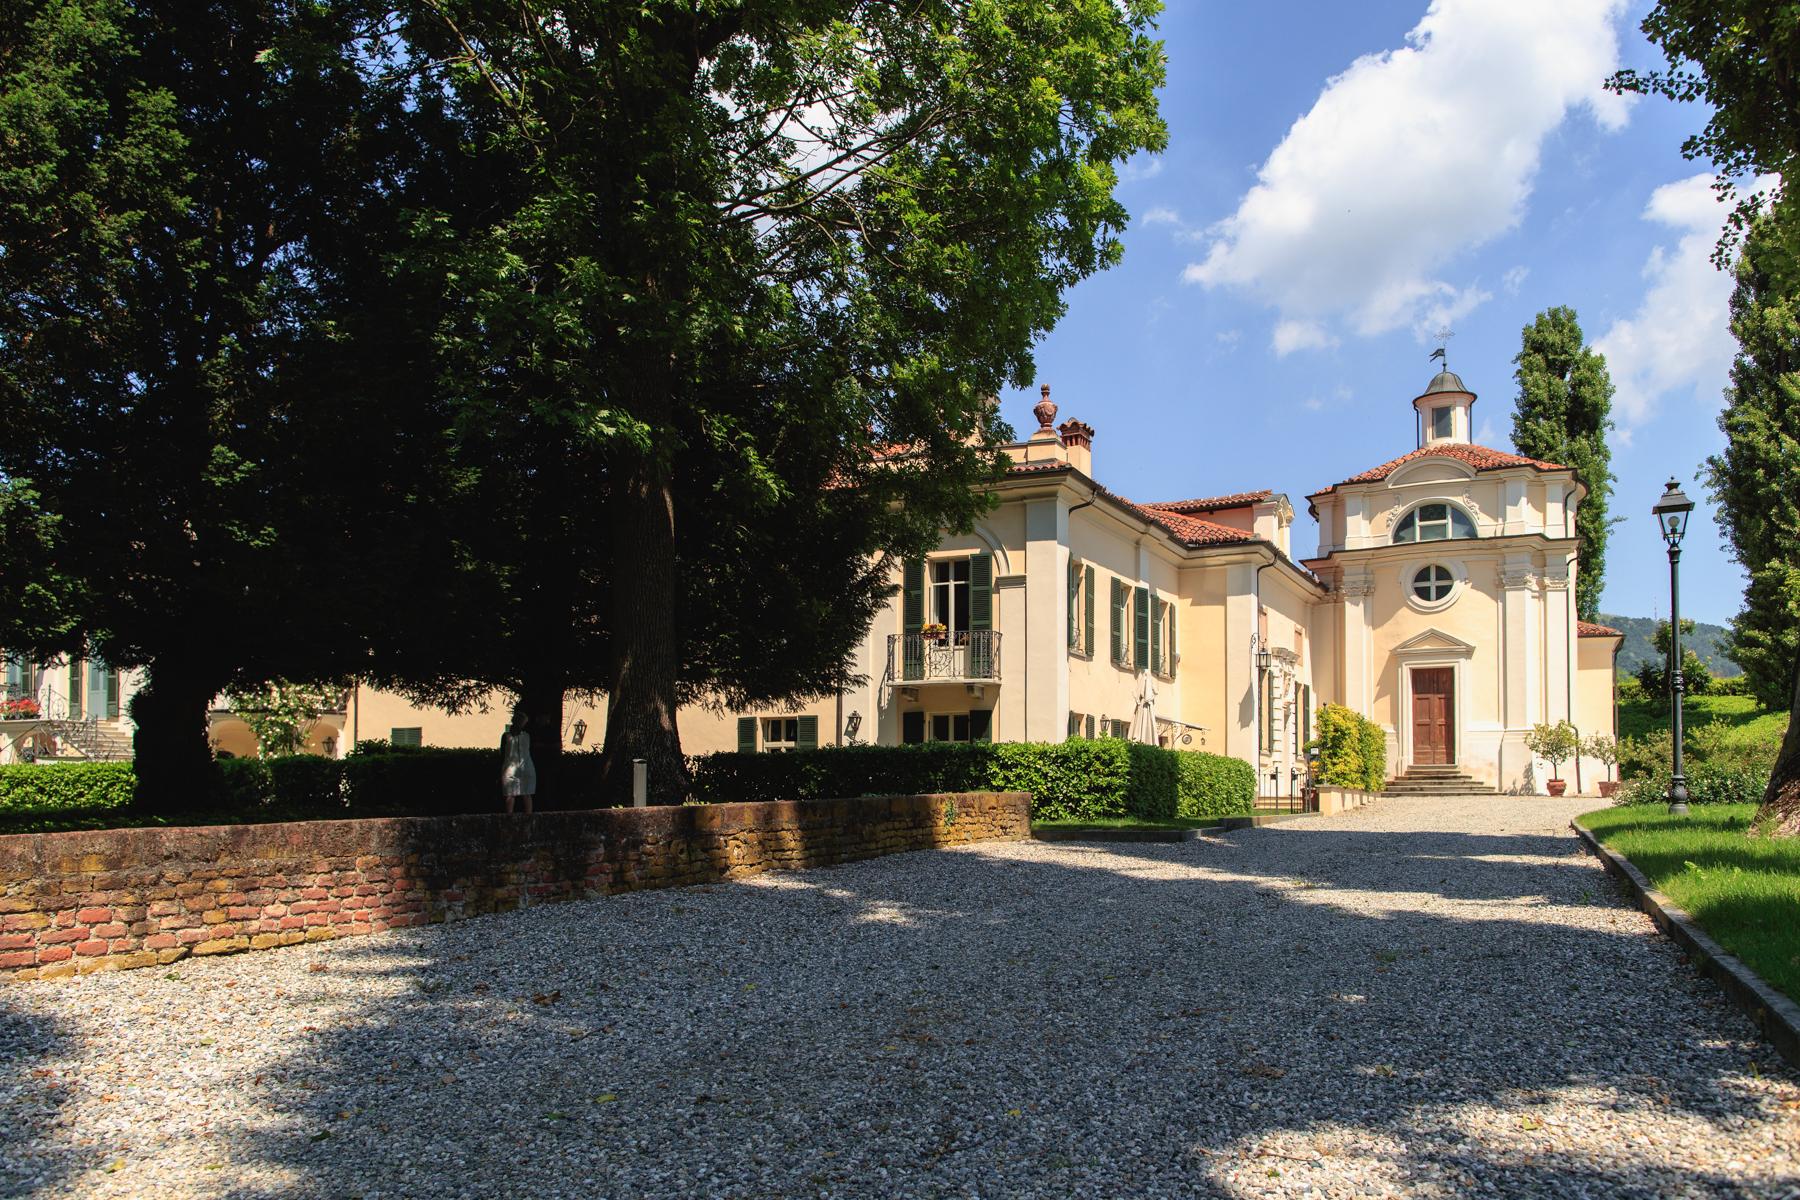 Casa indipendente in Vendita a Moncalieri: 5 locali, 370 mq - Foto 6